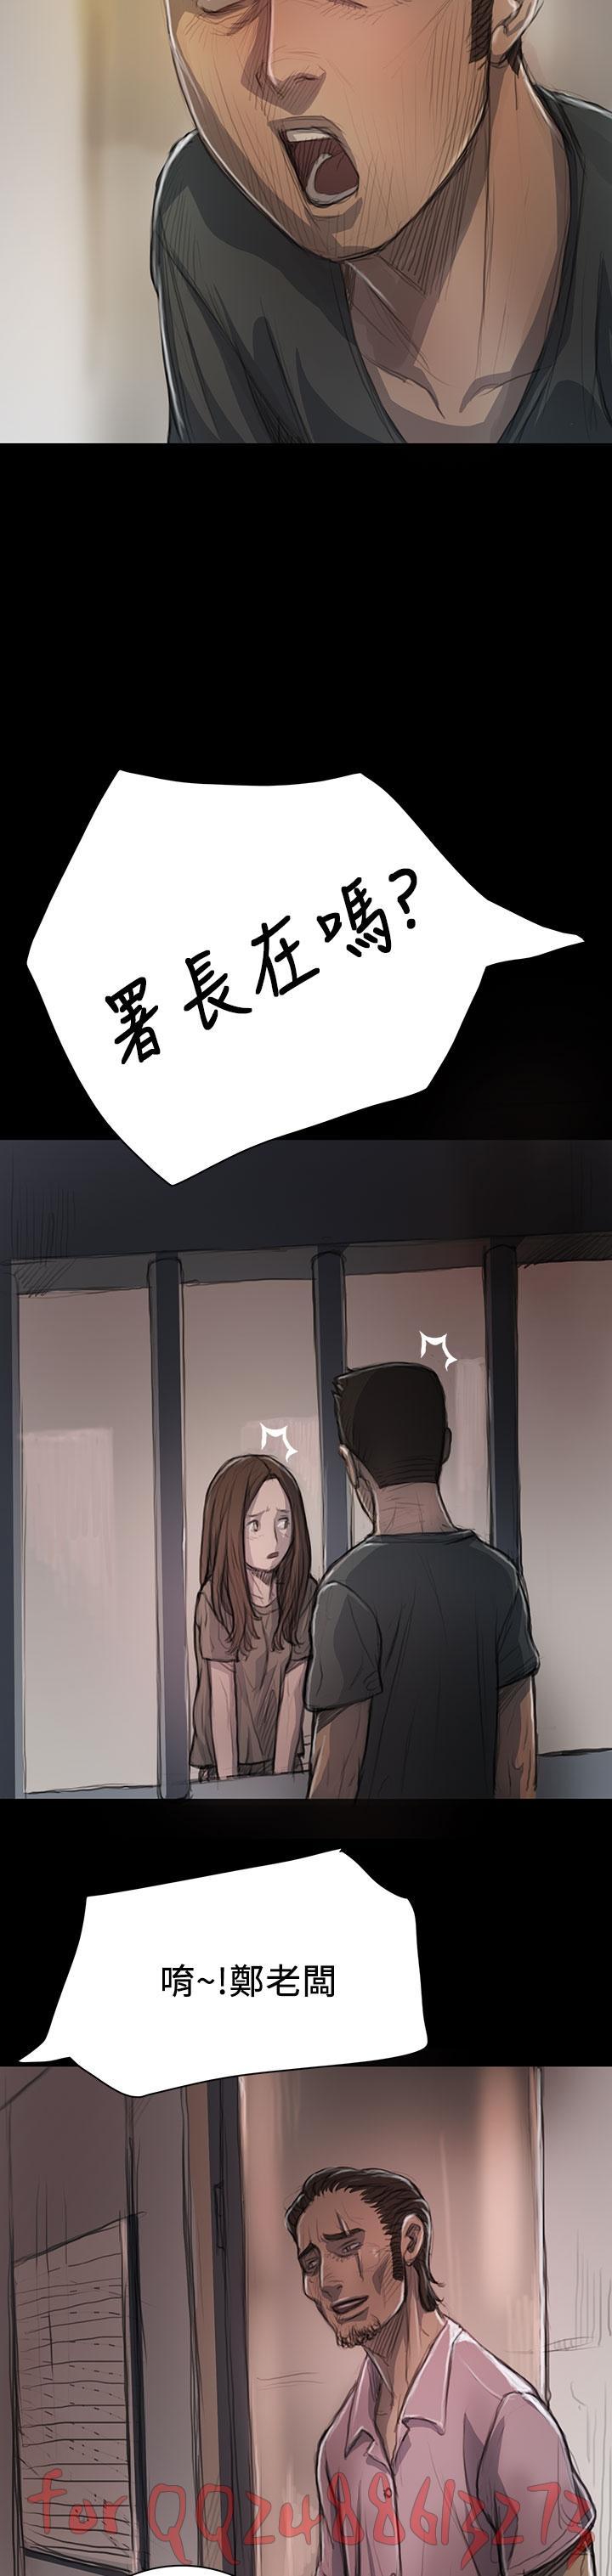 姊姊: 莲 第1~10話 [Chinese]中文 380